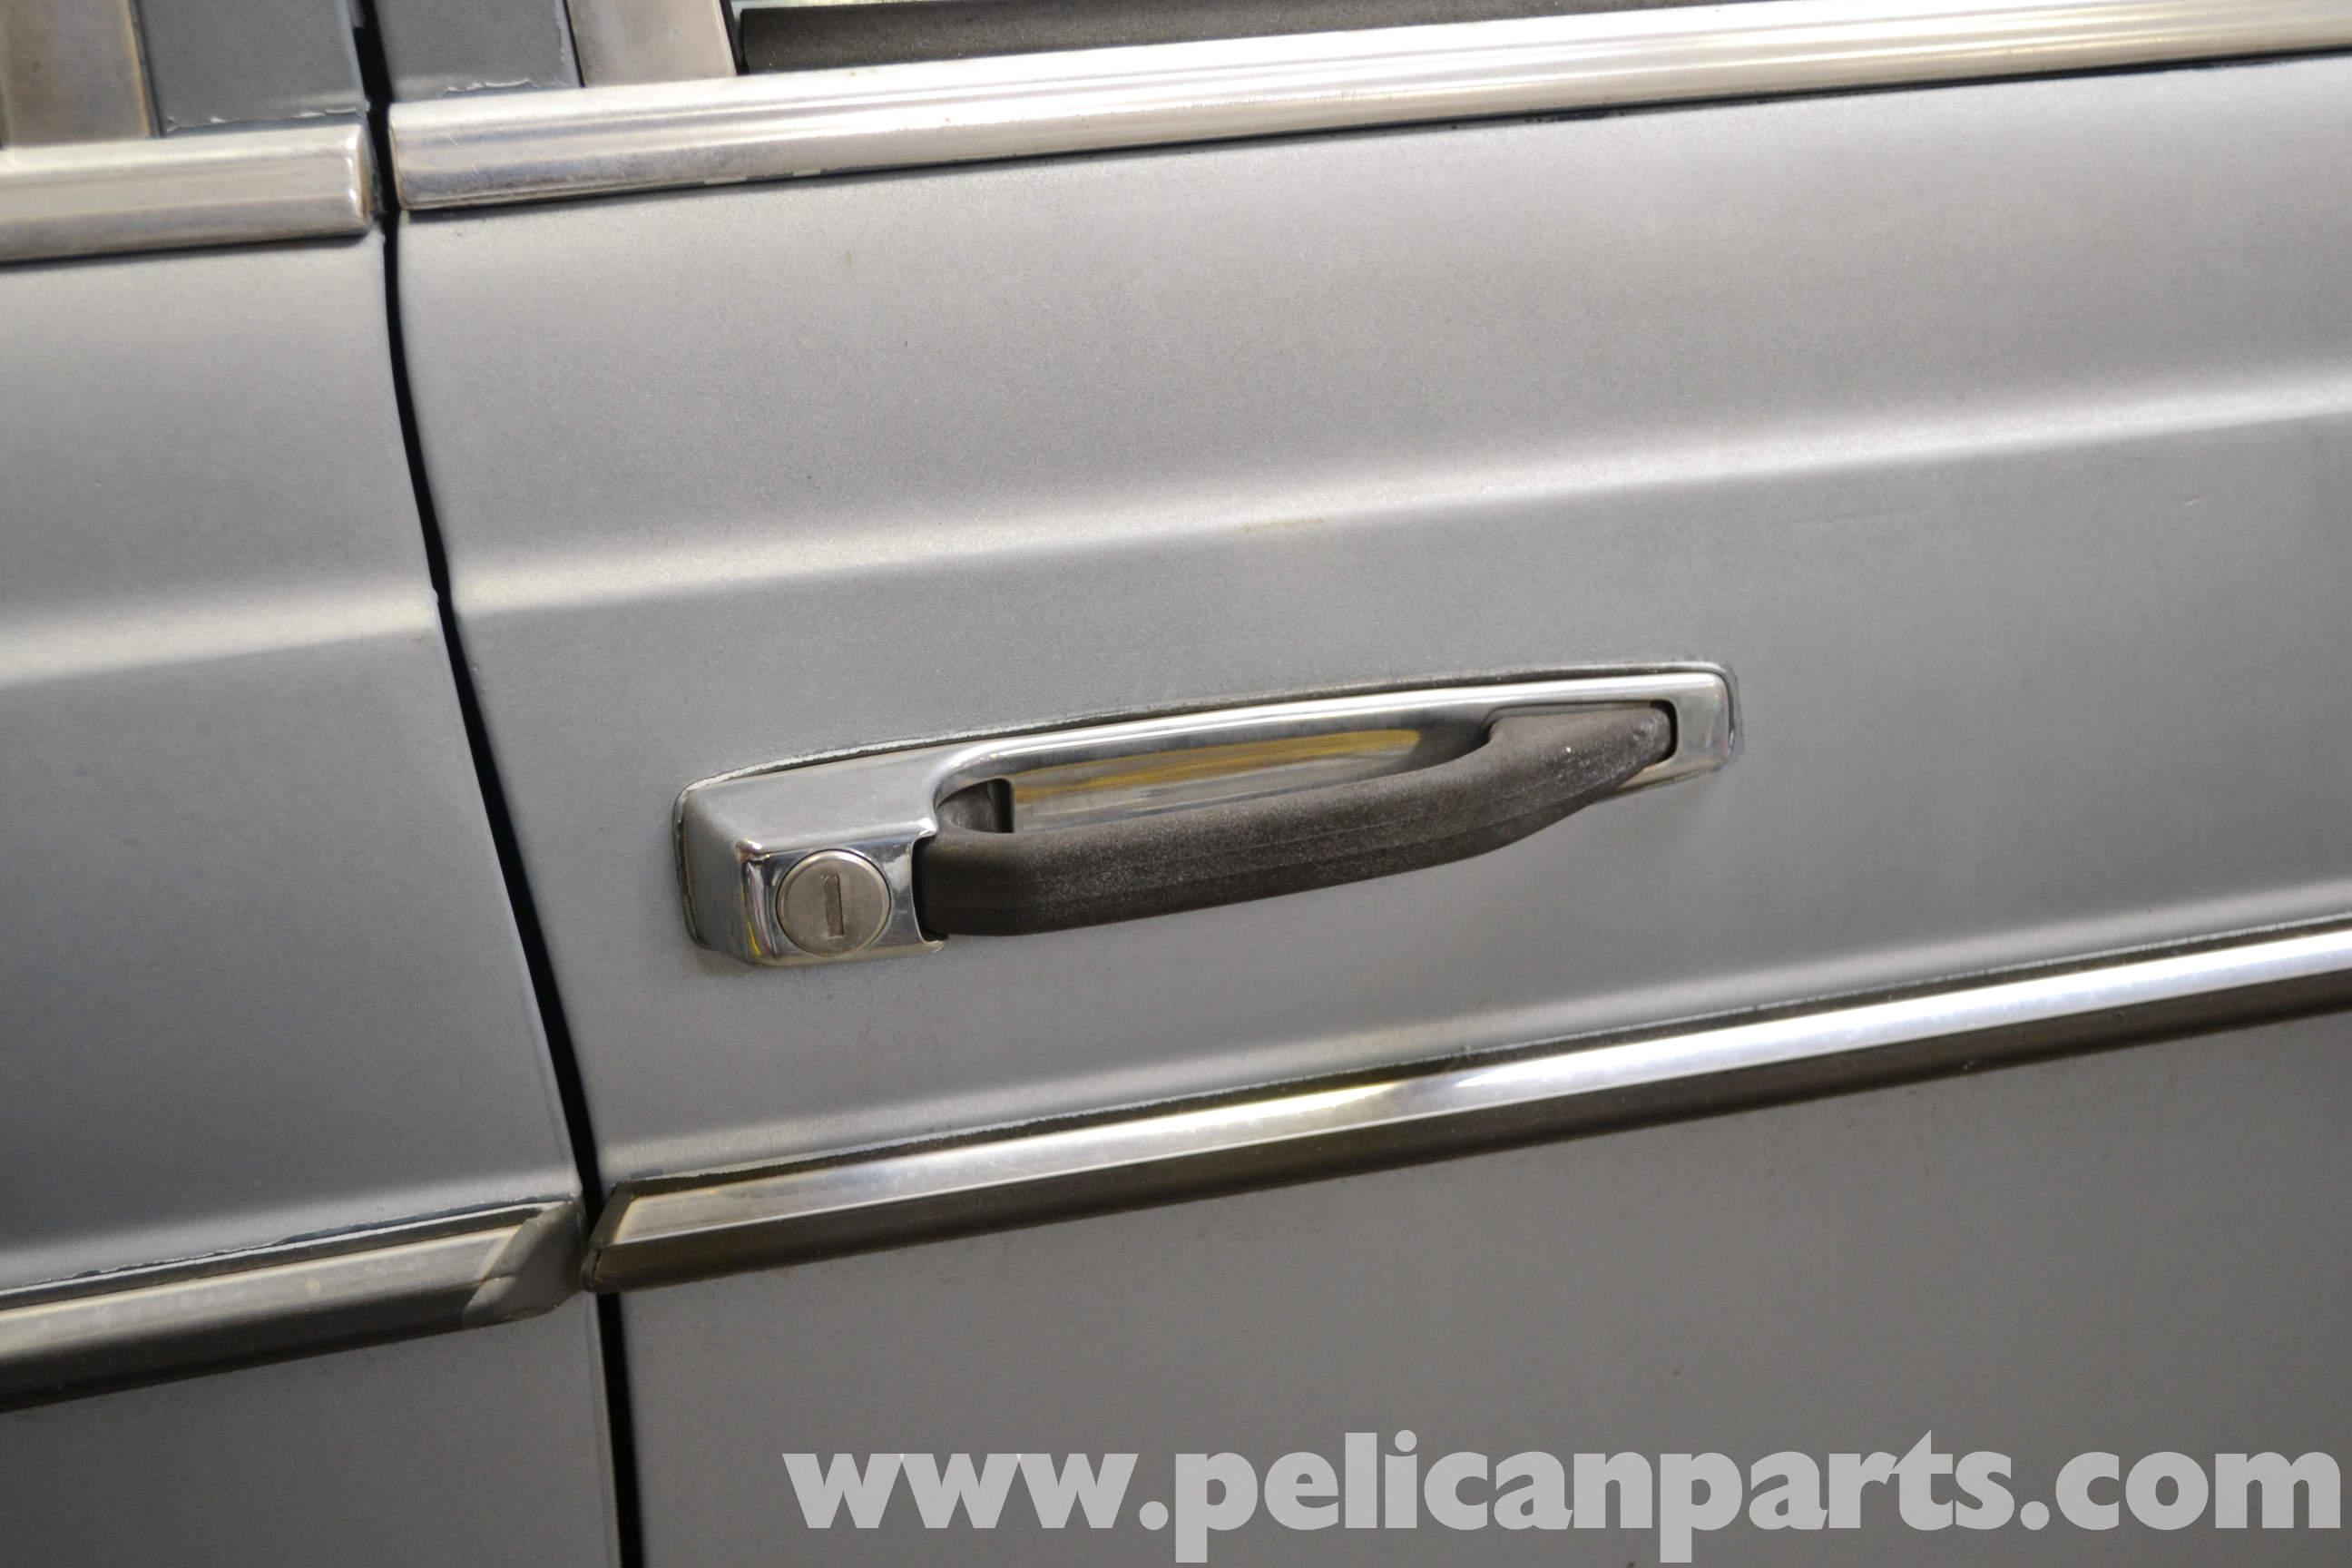 Pelican Technical Article Mercedes Benz W123 Exterior Door Handle Removal